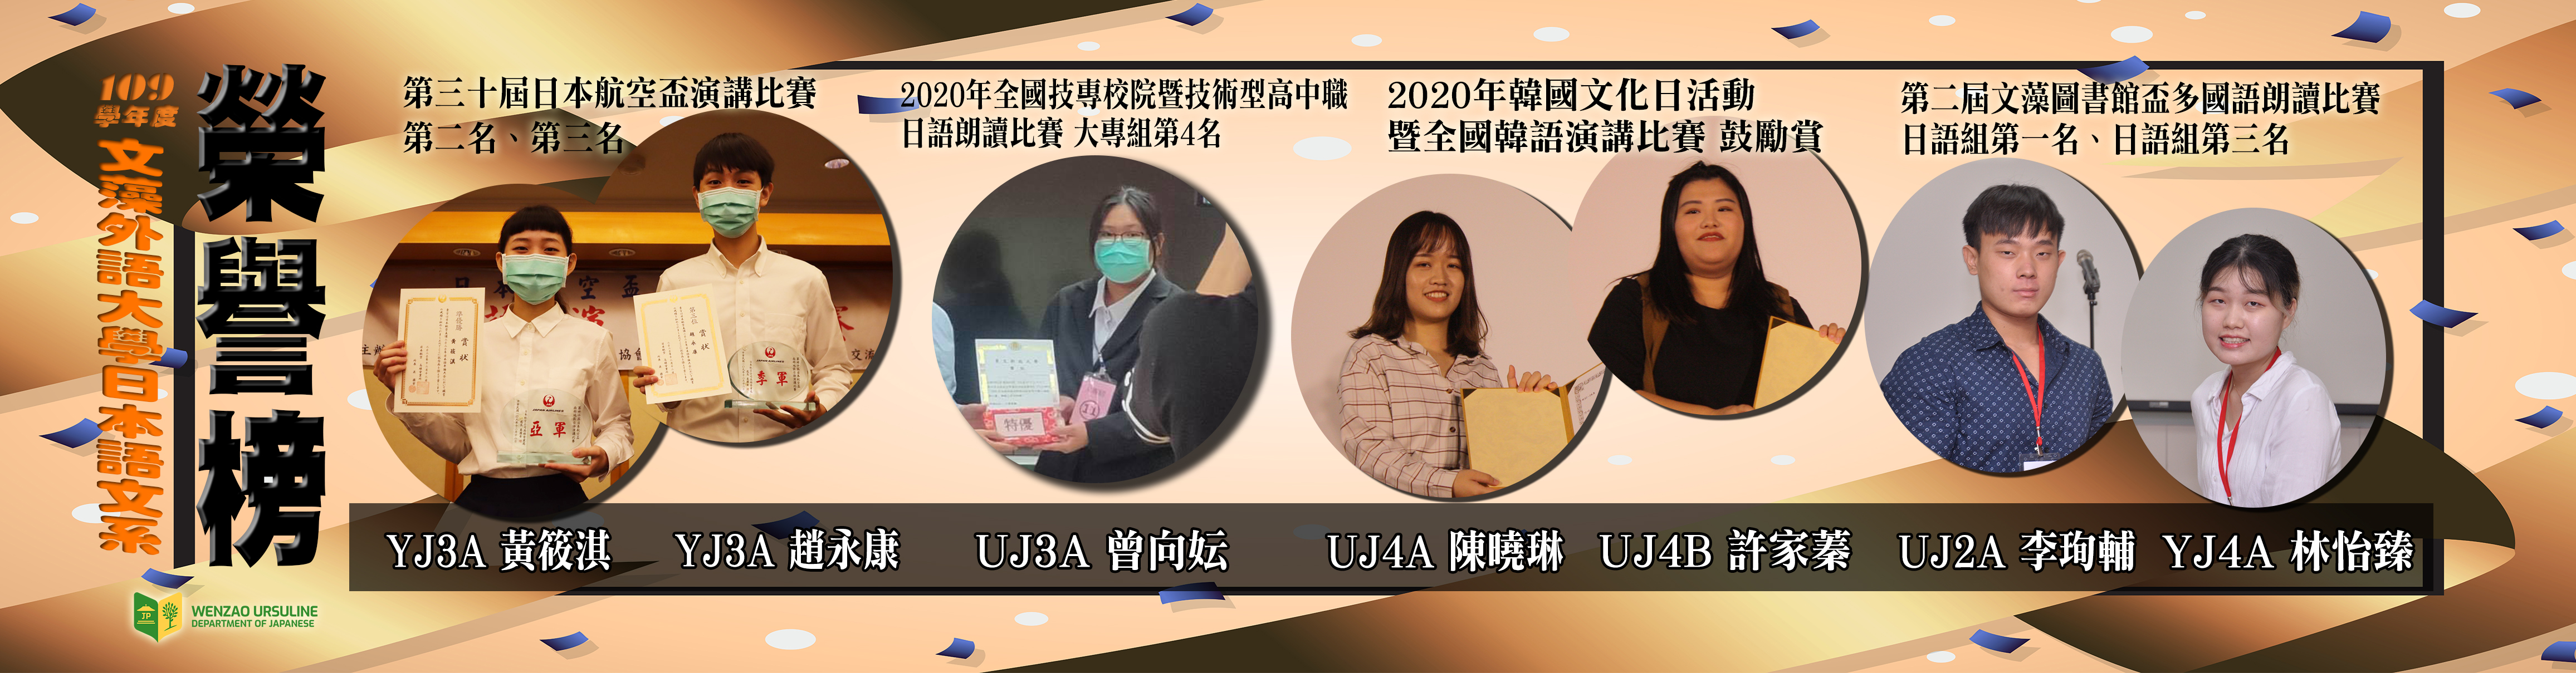 109學年度日文系榮譽榜(另開新視窗)